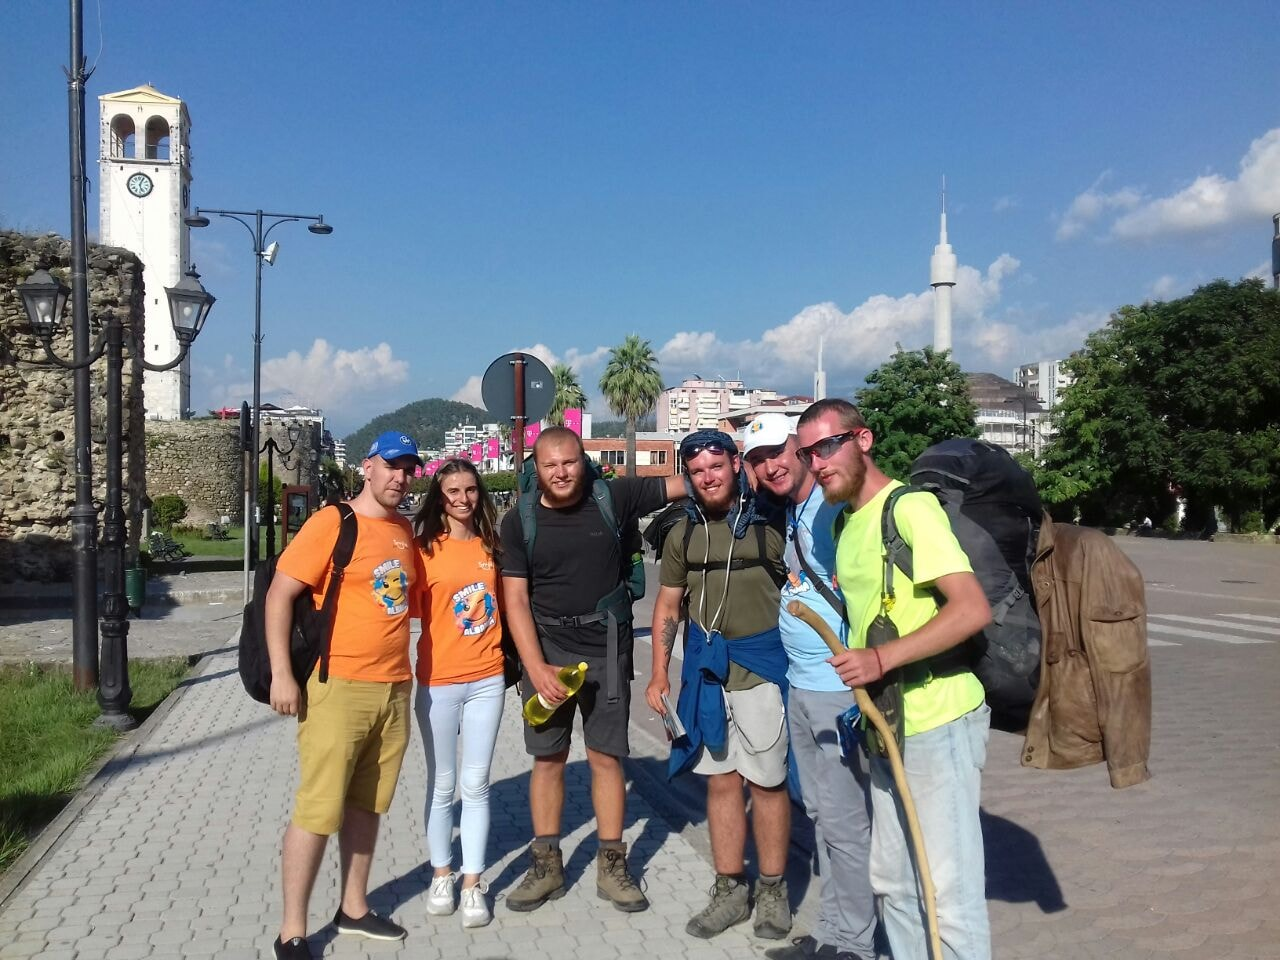 Bysheku i Elbasanit  një tjetër vend që po zgjon interesimin e turistëve